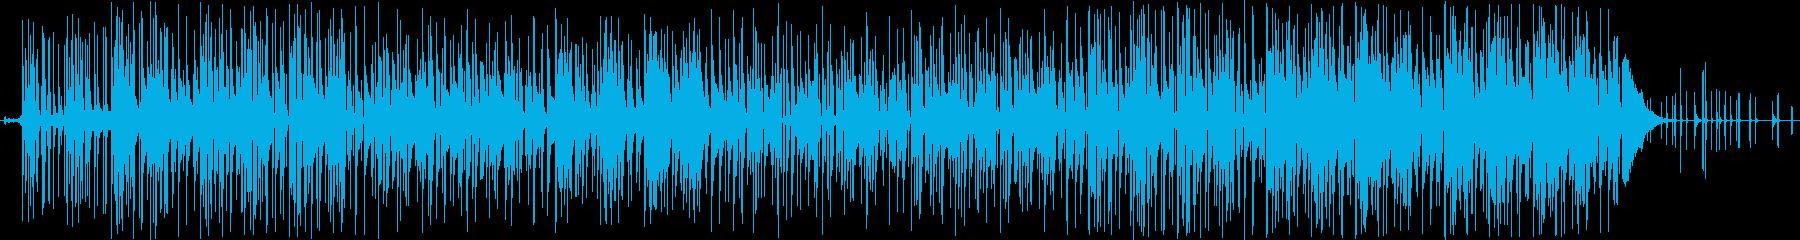 蒸し暑い感じのインド楽曲の再生済みの波形